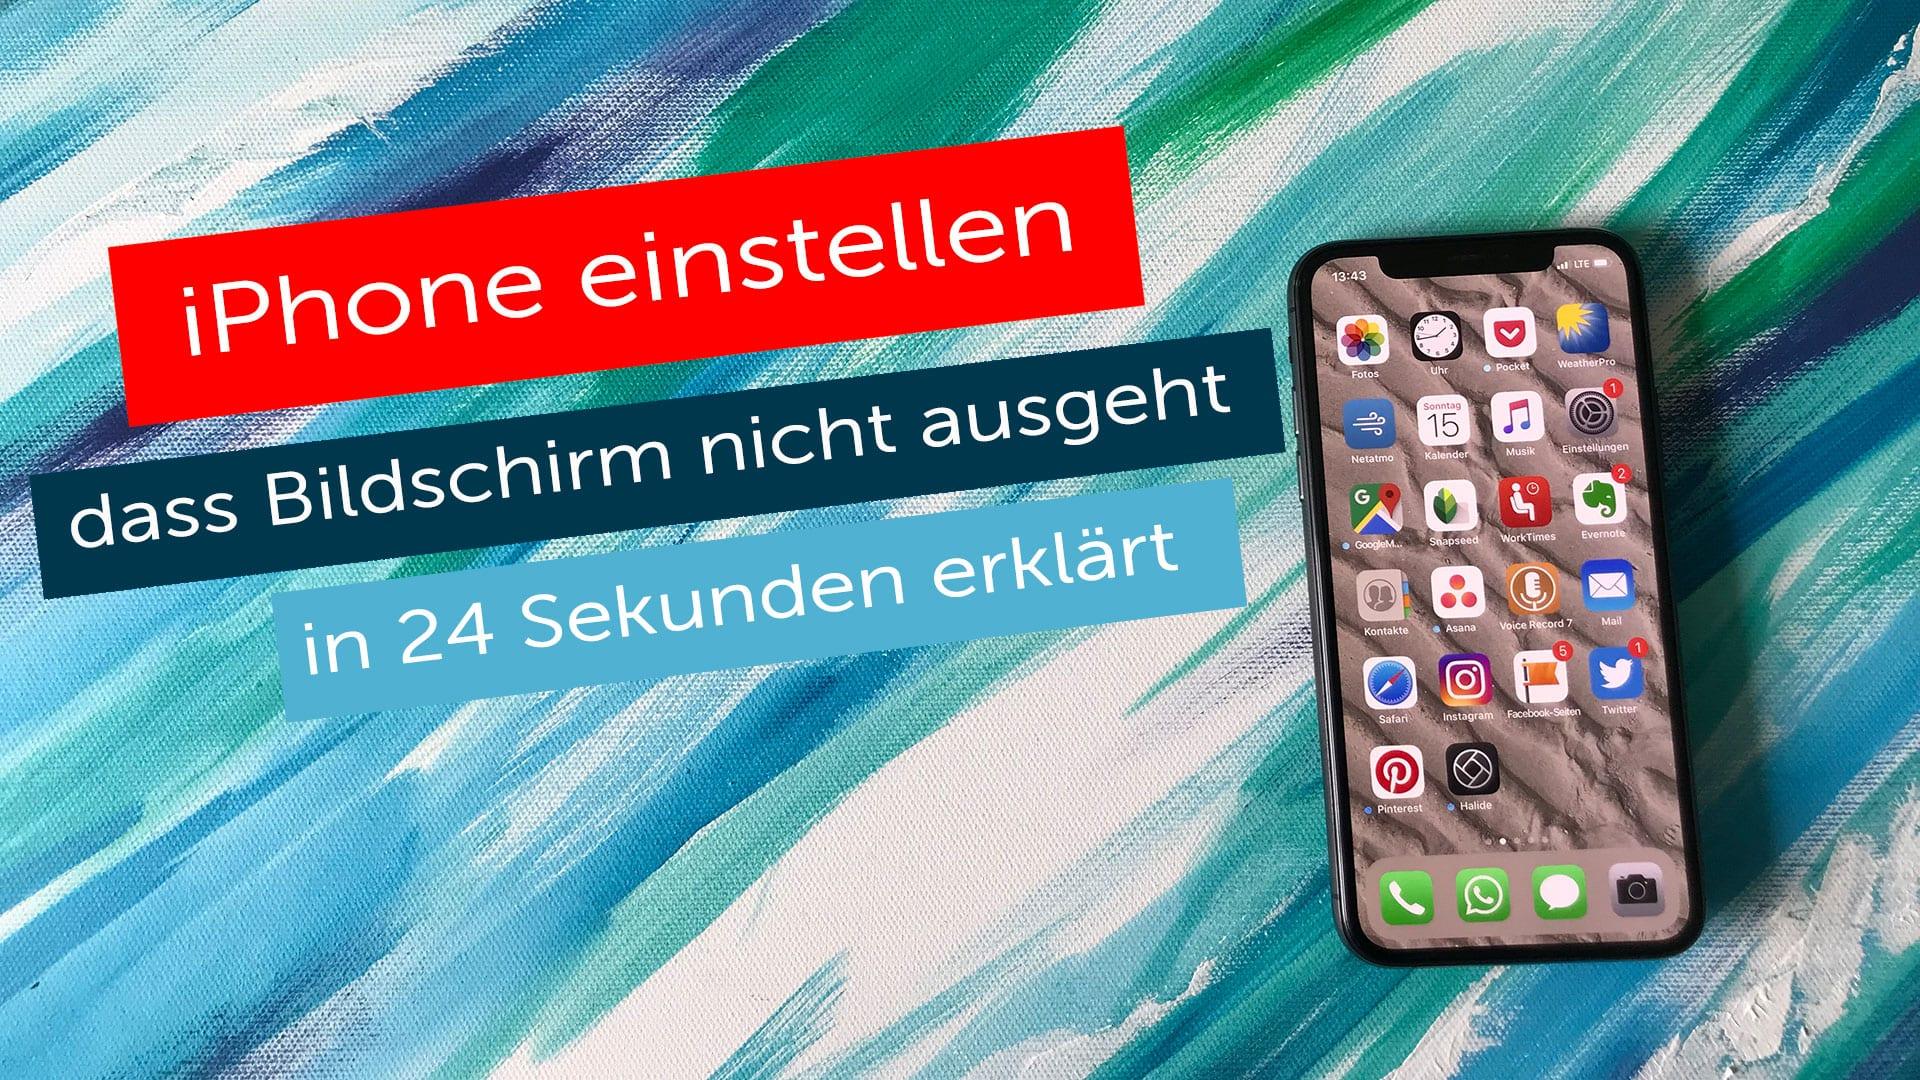 iPhone einstellen, dass  Bildschirm nicht ausgeht